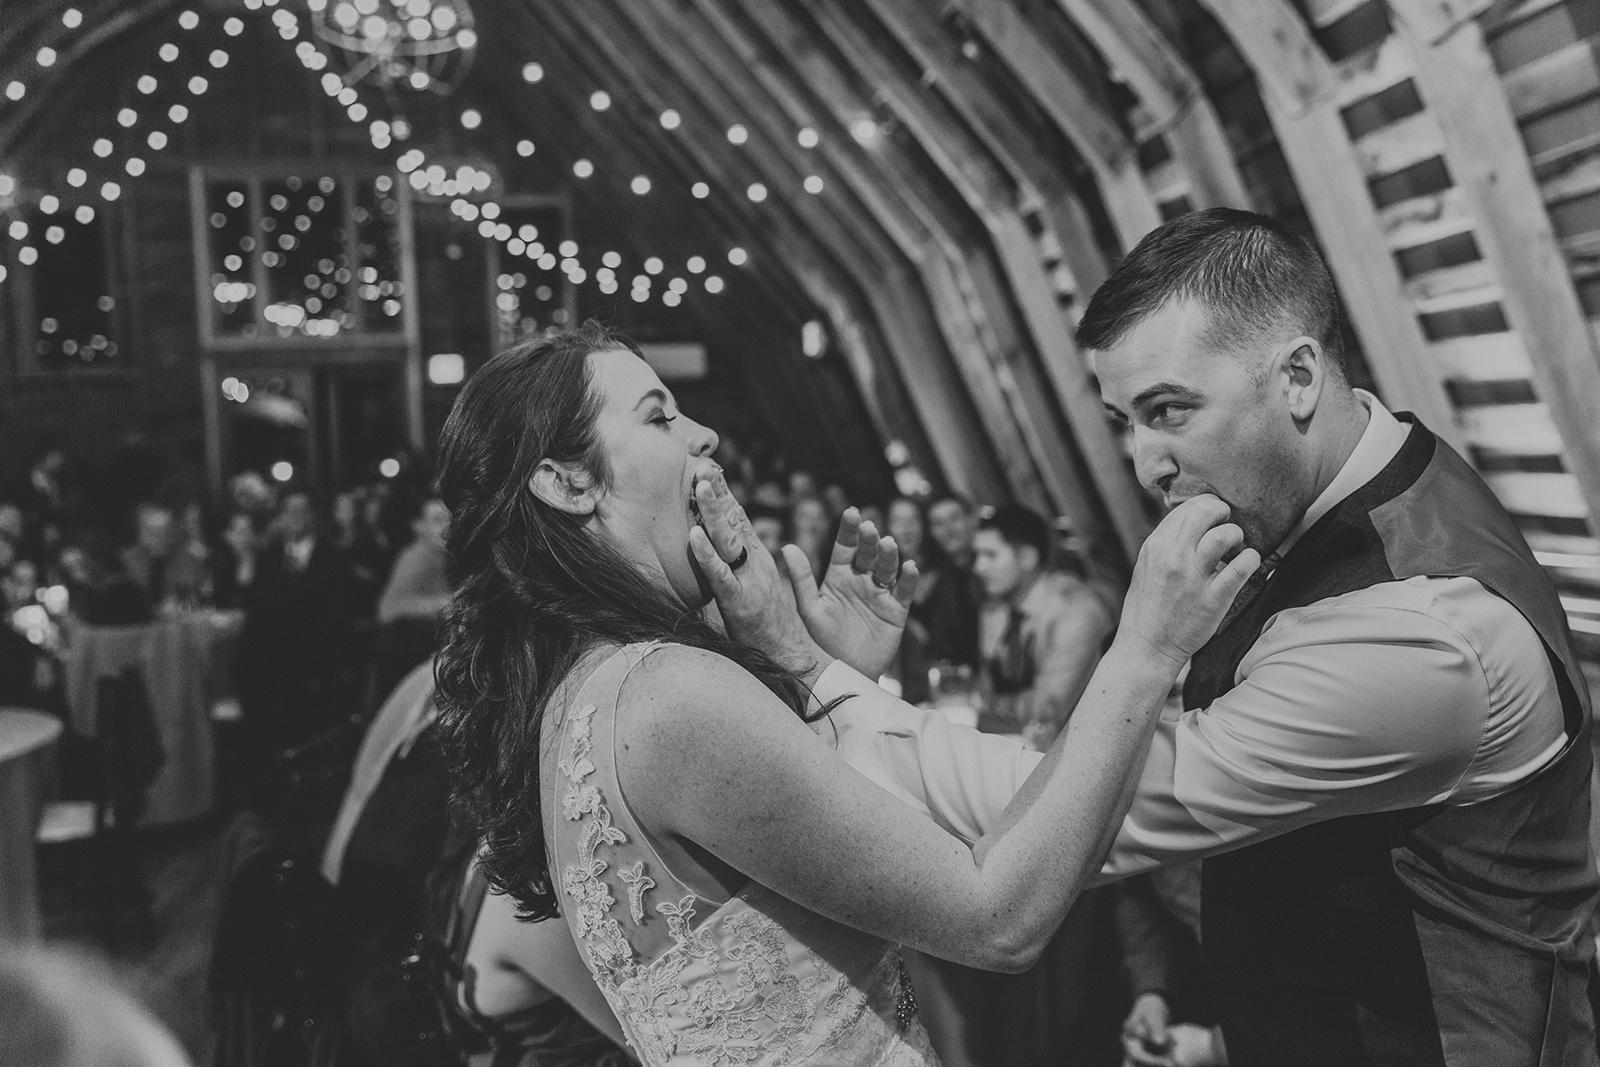 brielle-davis-events-48-fields-wedding-cake-cutting-smash.jpg